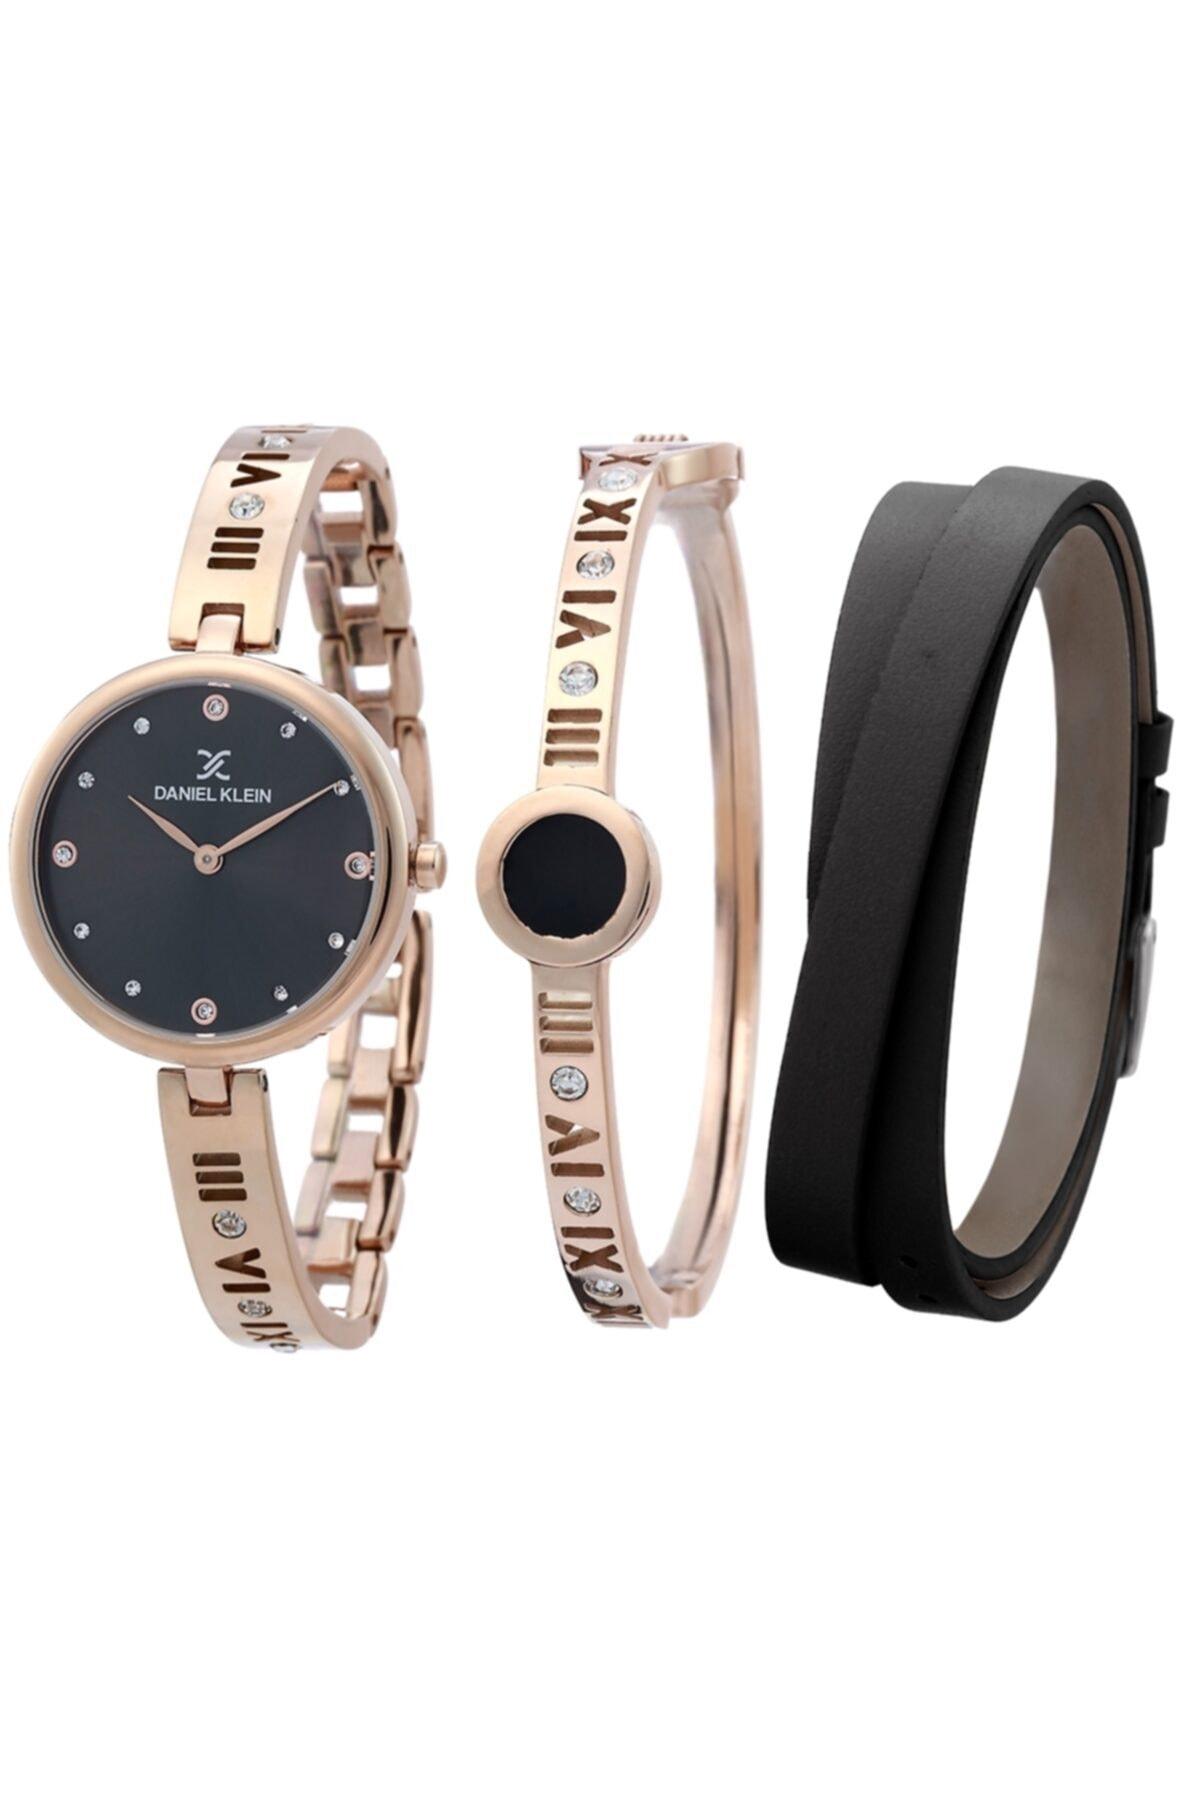 yeni ürün 2021 Bileklikli Kadın Kol Saati enlarge